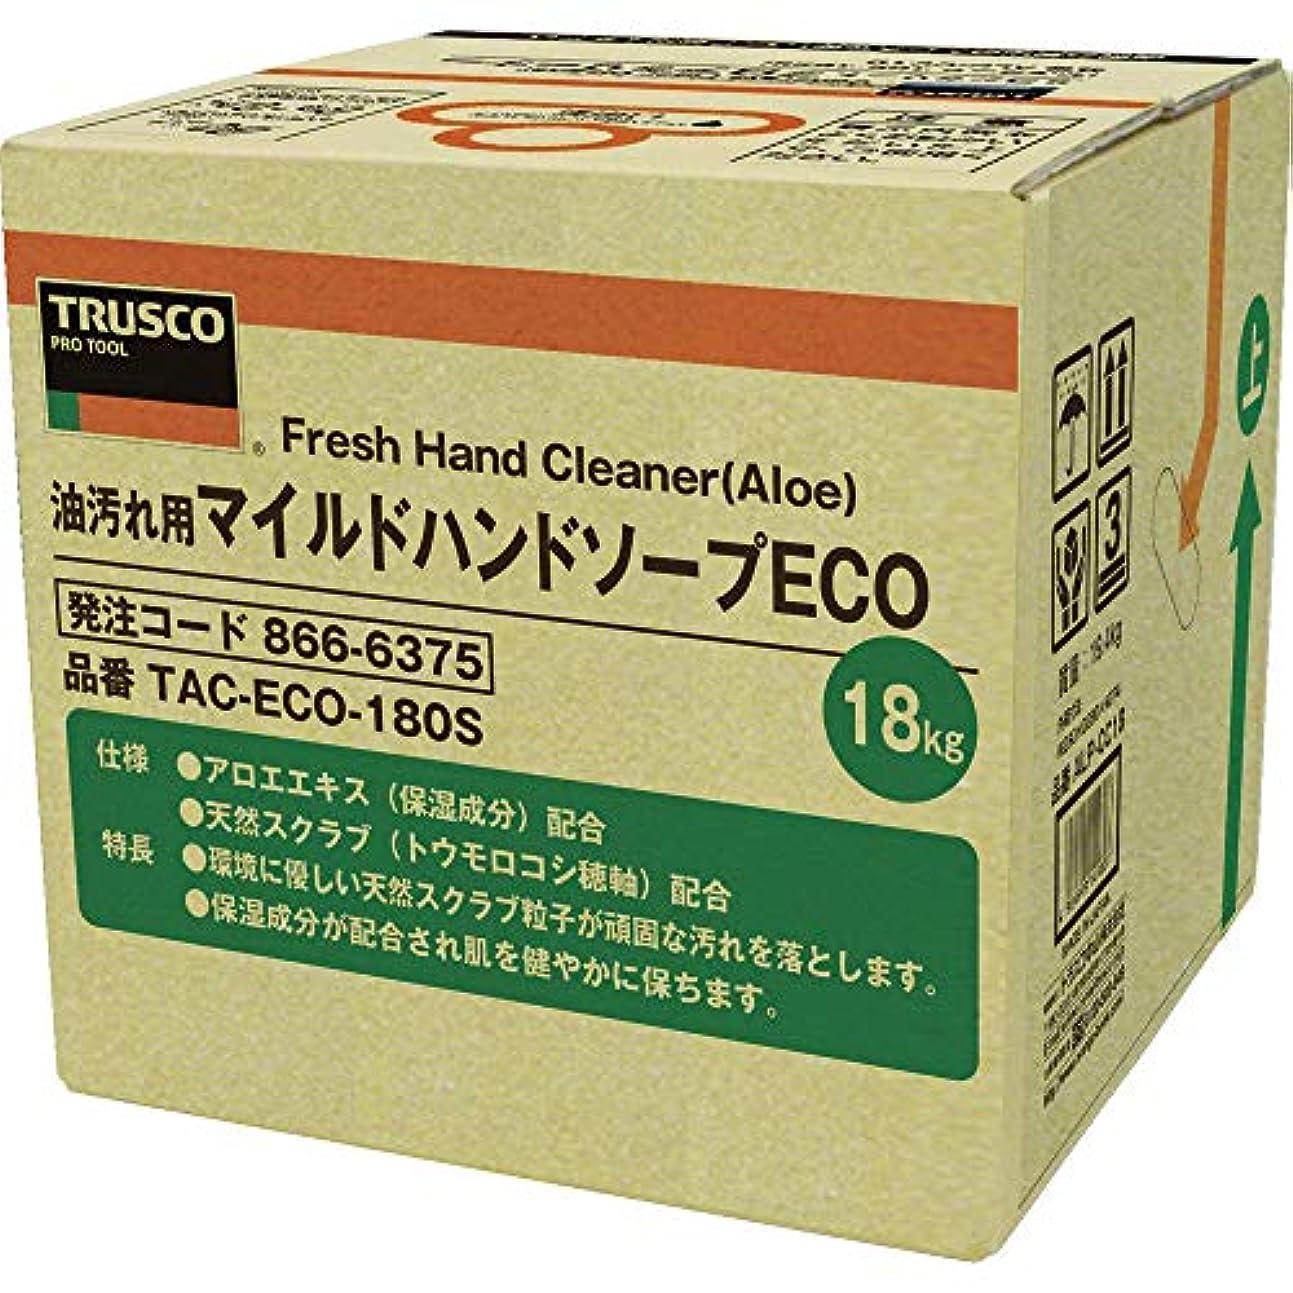 削るパイロット定期的なTRUSCO(トラスコ) マイルドハンドソープ ECO 18L 詰替 バッグインボックス TACECO180S